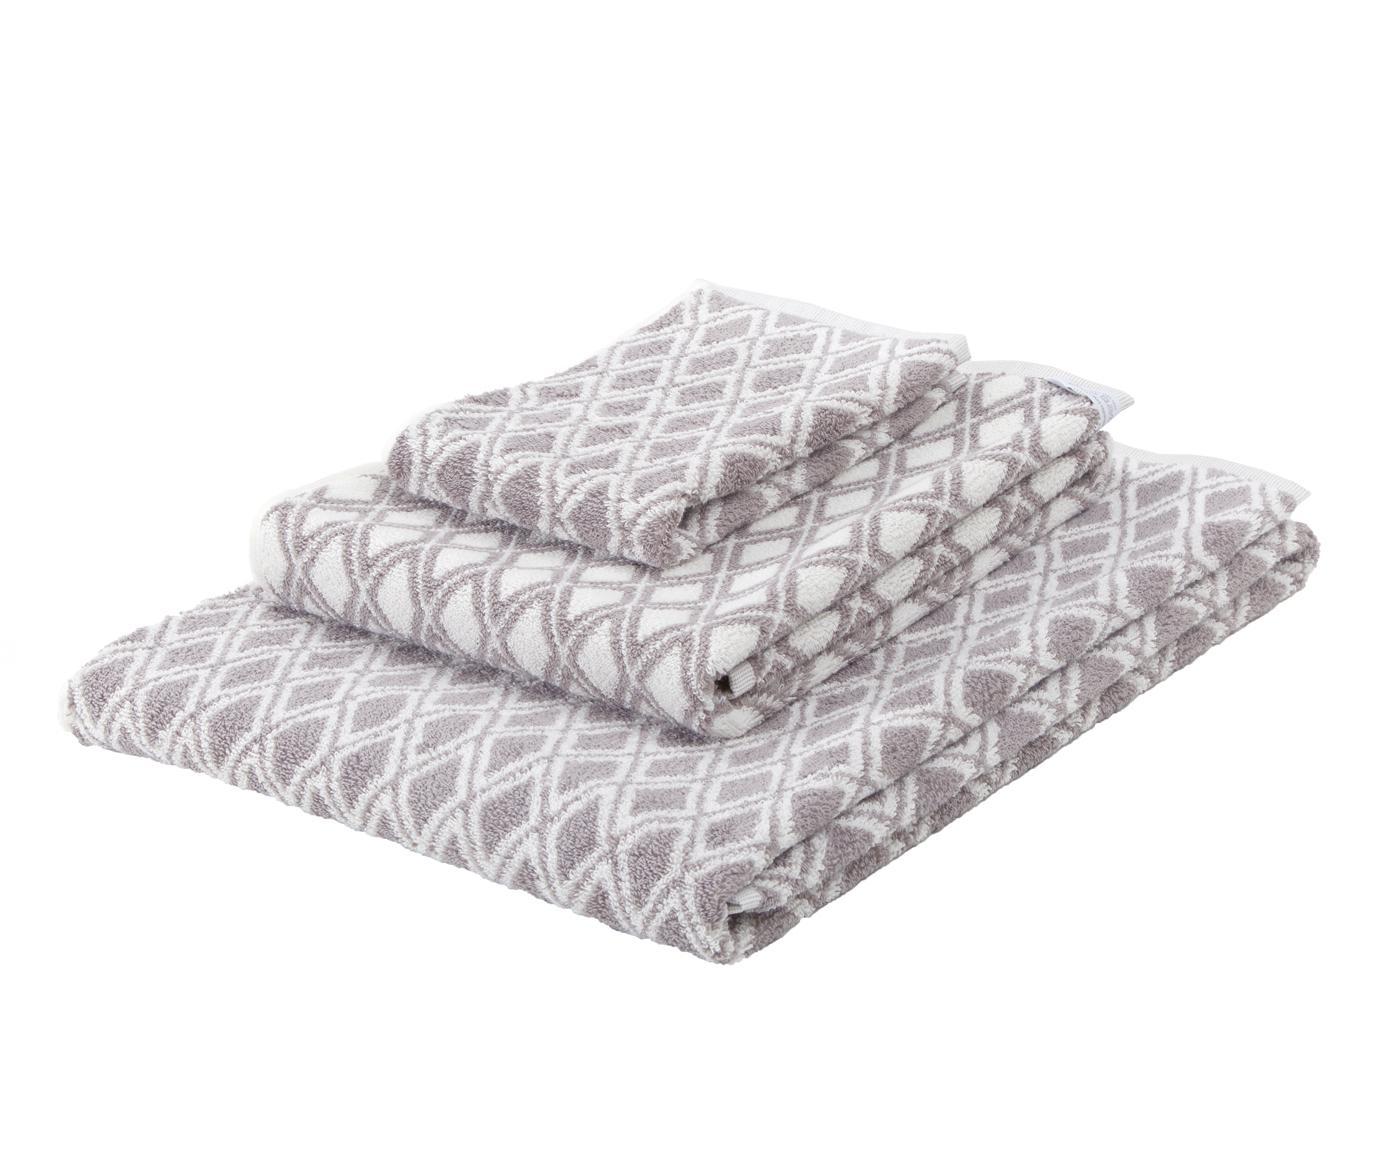 Dubbelzijdige handdoek-set Ava met grafisch patroon, 3-delig, Taupe, crèmewit, Set met verschillende formaten